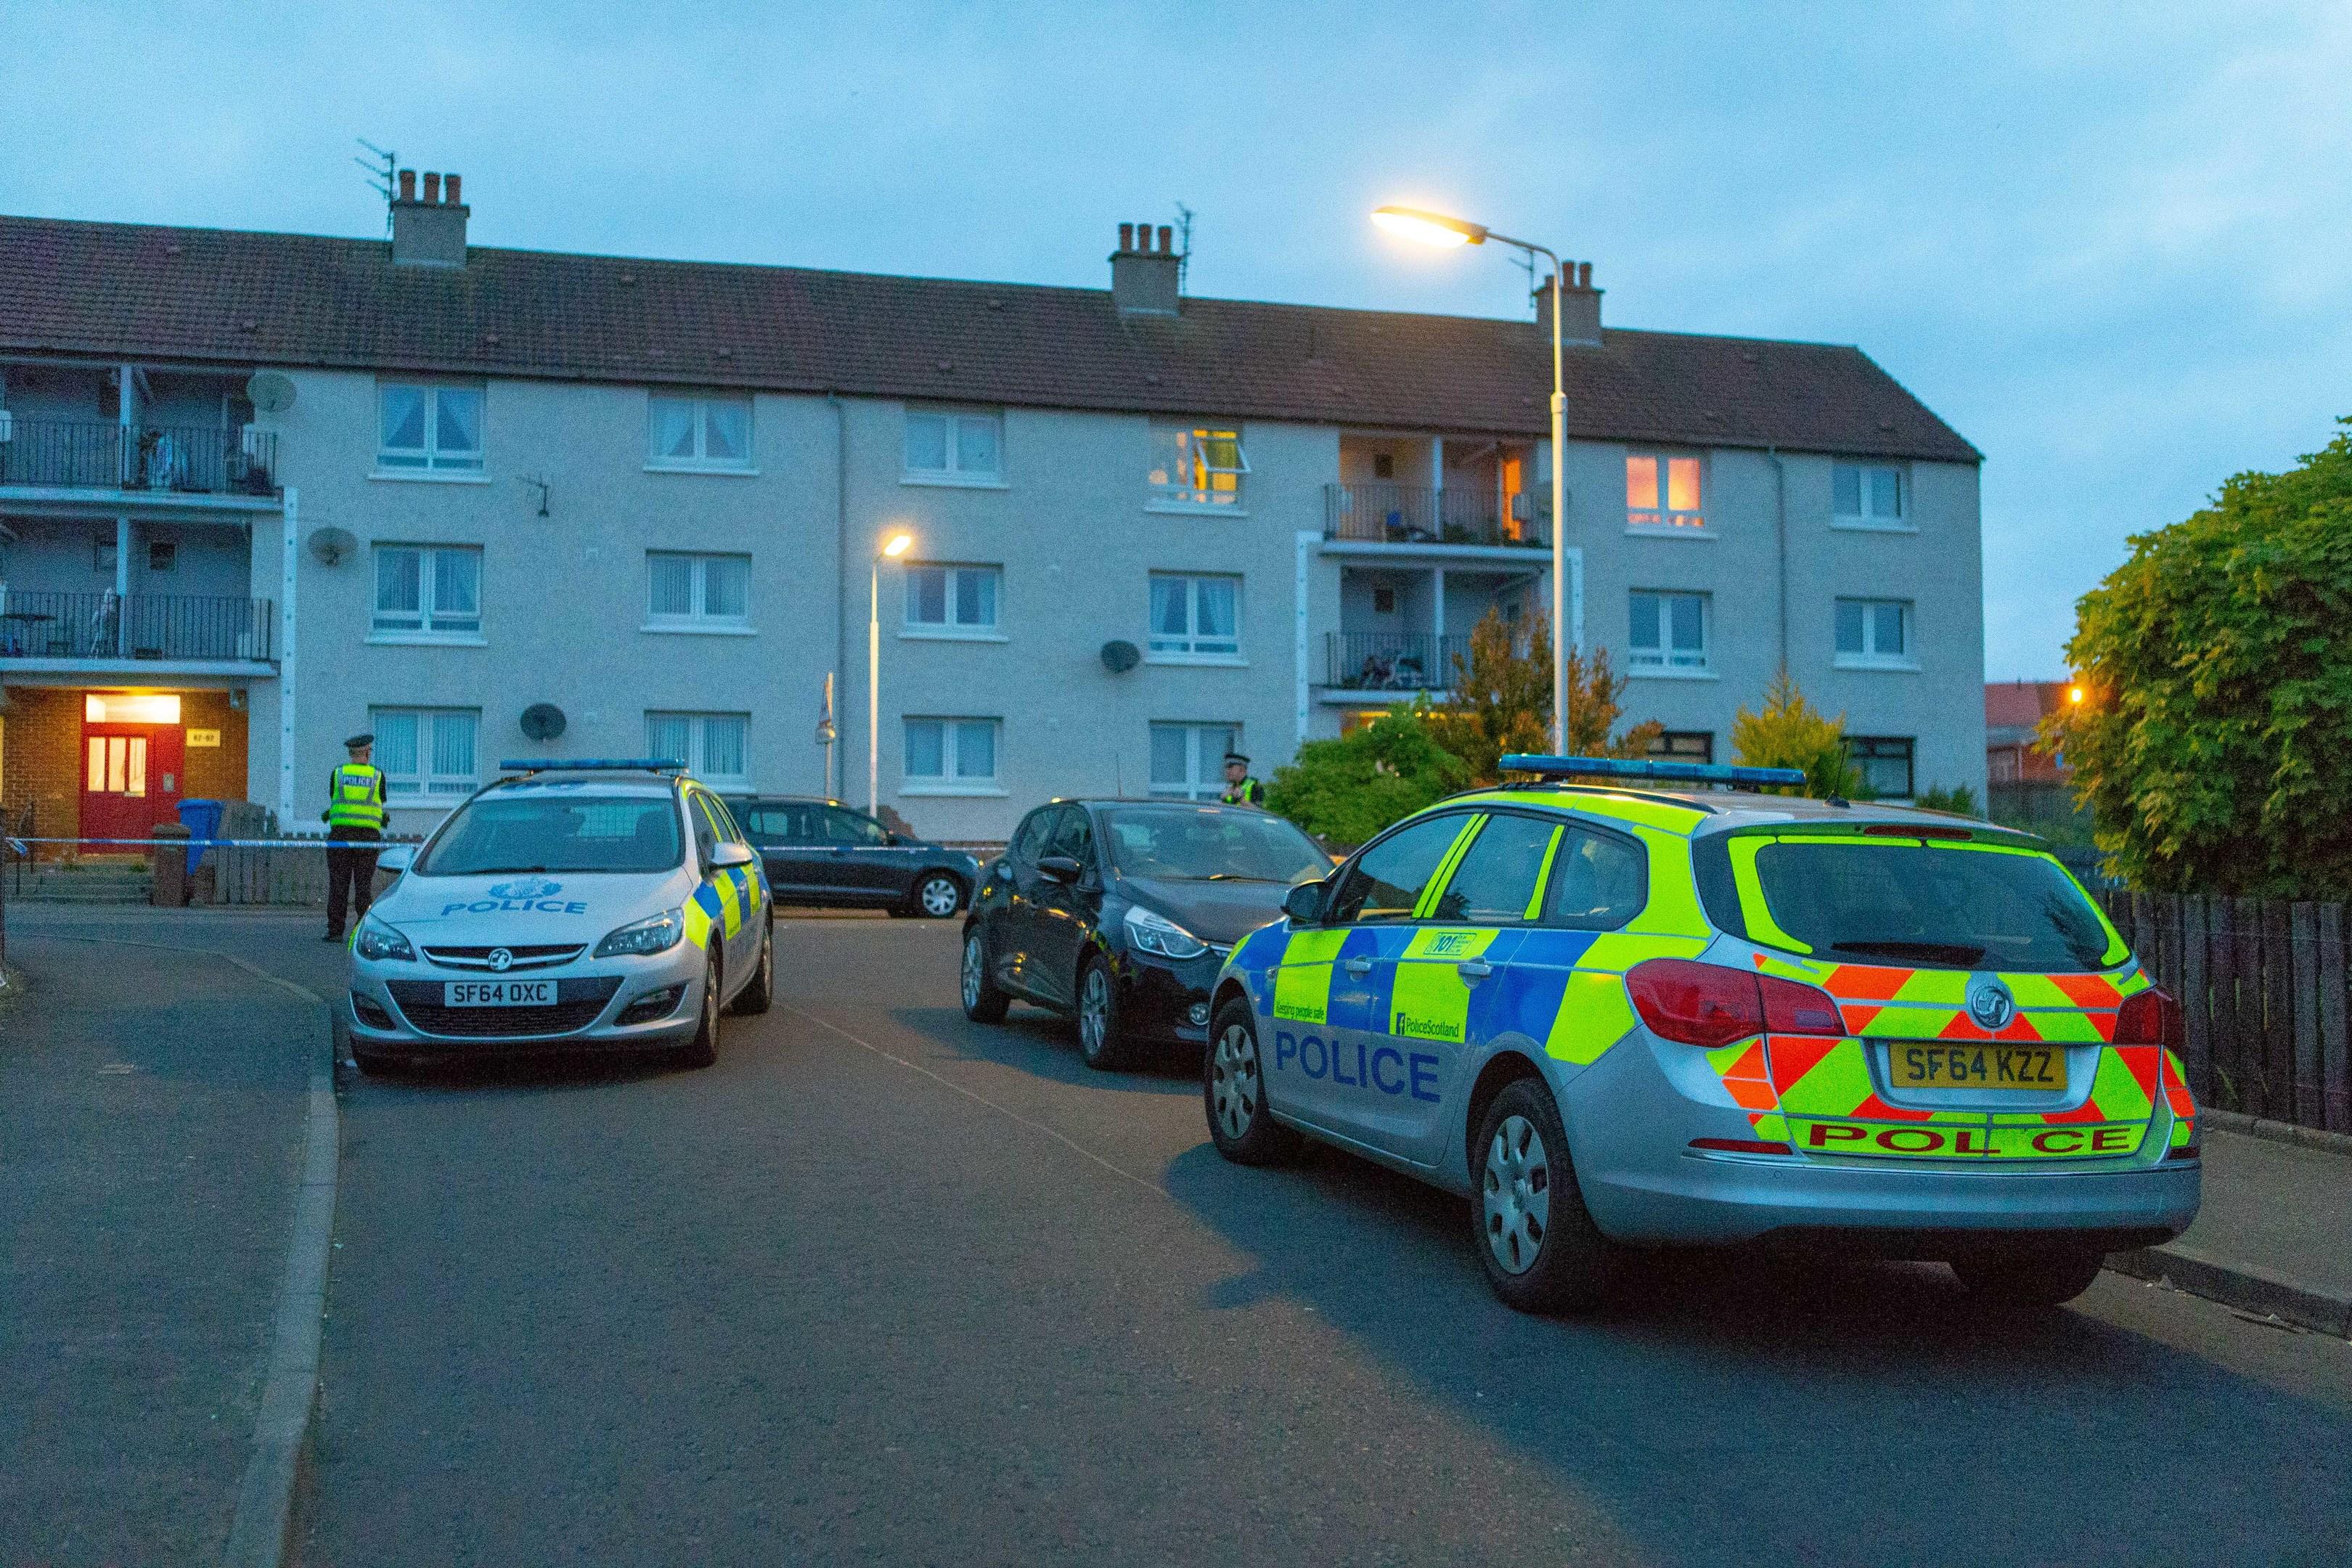 Police in Cheviot Road, Kirkcaldy.